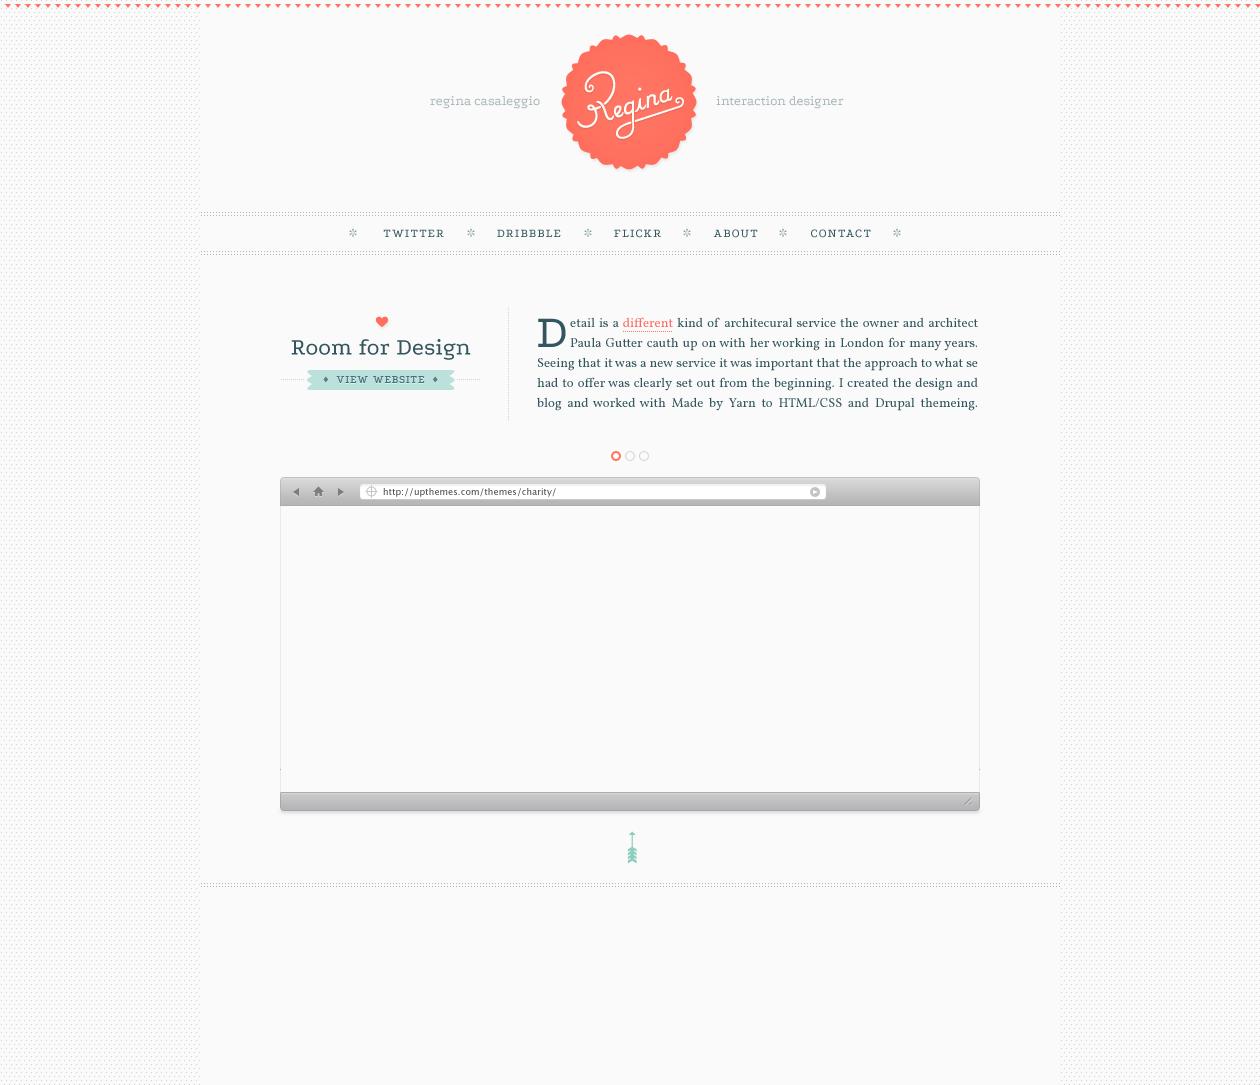 Regina portfolio site